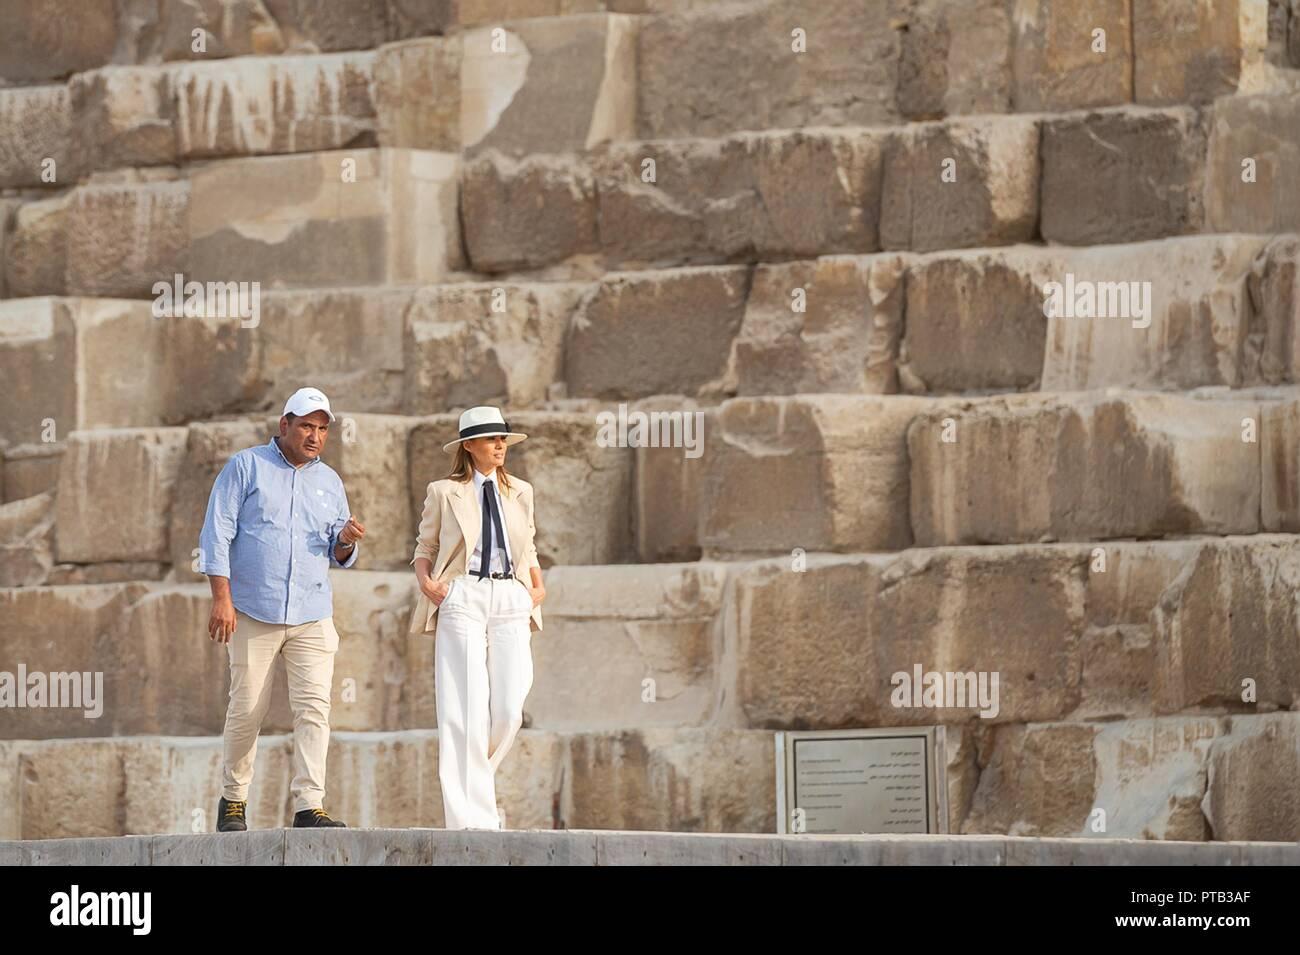 fbba1b37545701 U.S First Lady Melania Trump walks with her guide Dr. Ashraf Mohe El-Din